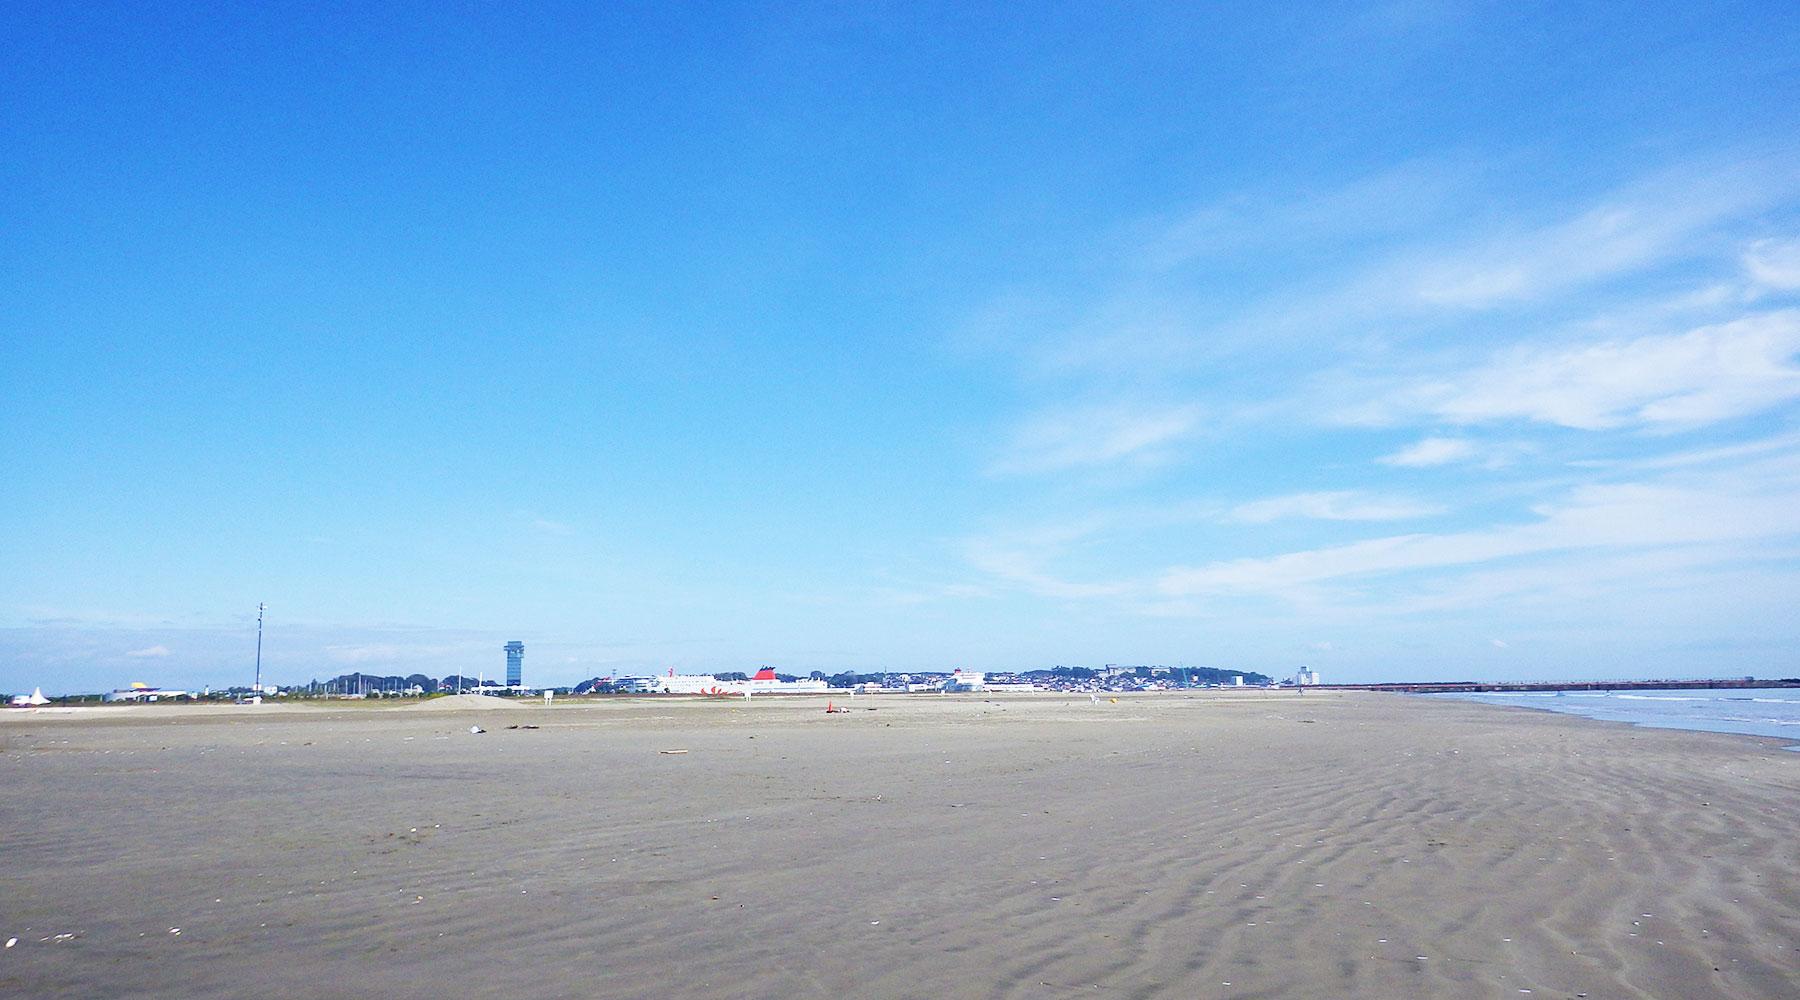 大洗サンビーチの砂浜と大洗港